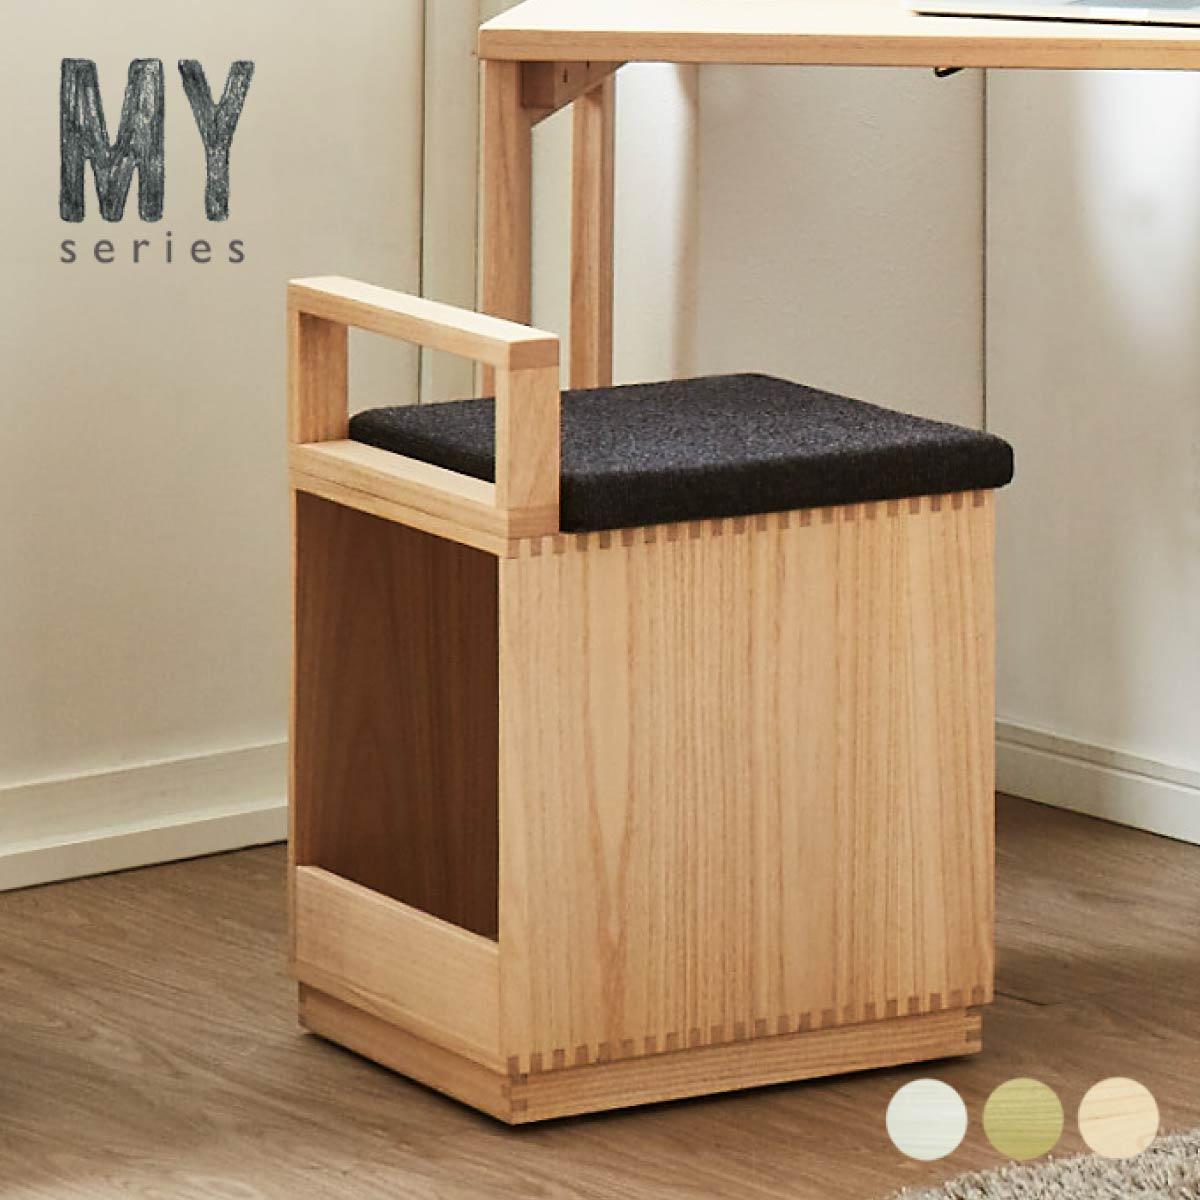 スツール 北欧 おしゃれ 桐 木製 完成品 ドレッサー チェア 収納 キャスター付き 木 椅子 チェア 木製椅子 コンパクト シンプル きり 木製チェア チェアー ドレッサースツール いす